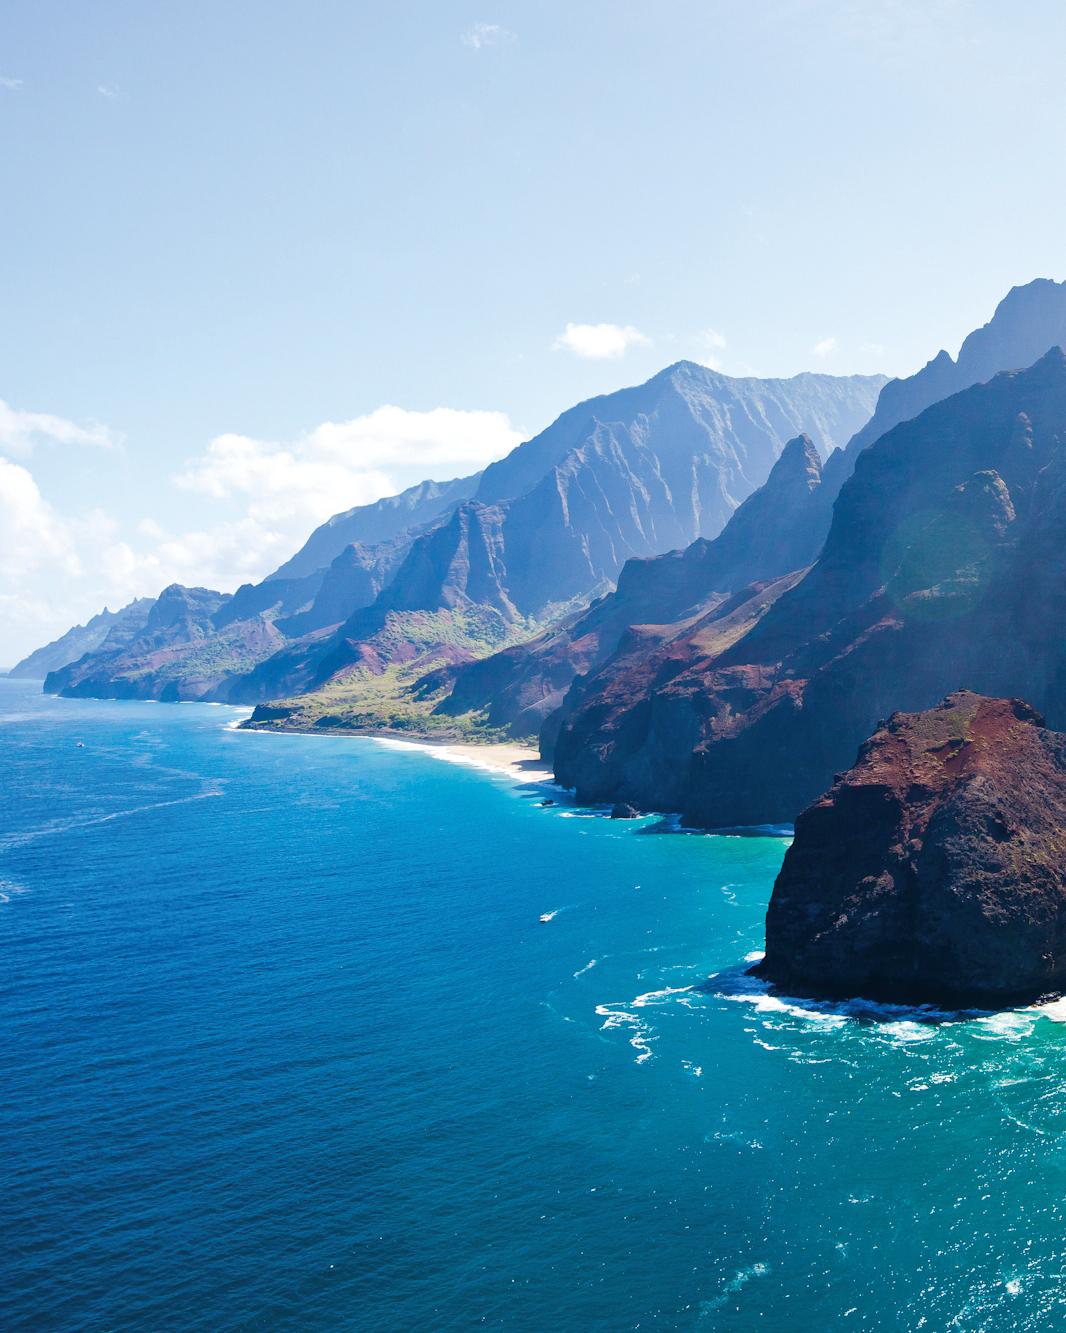 kauai-mmwds110548.jpg